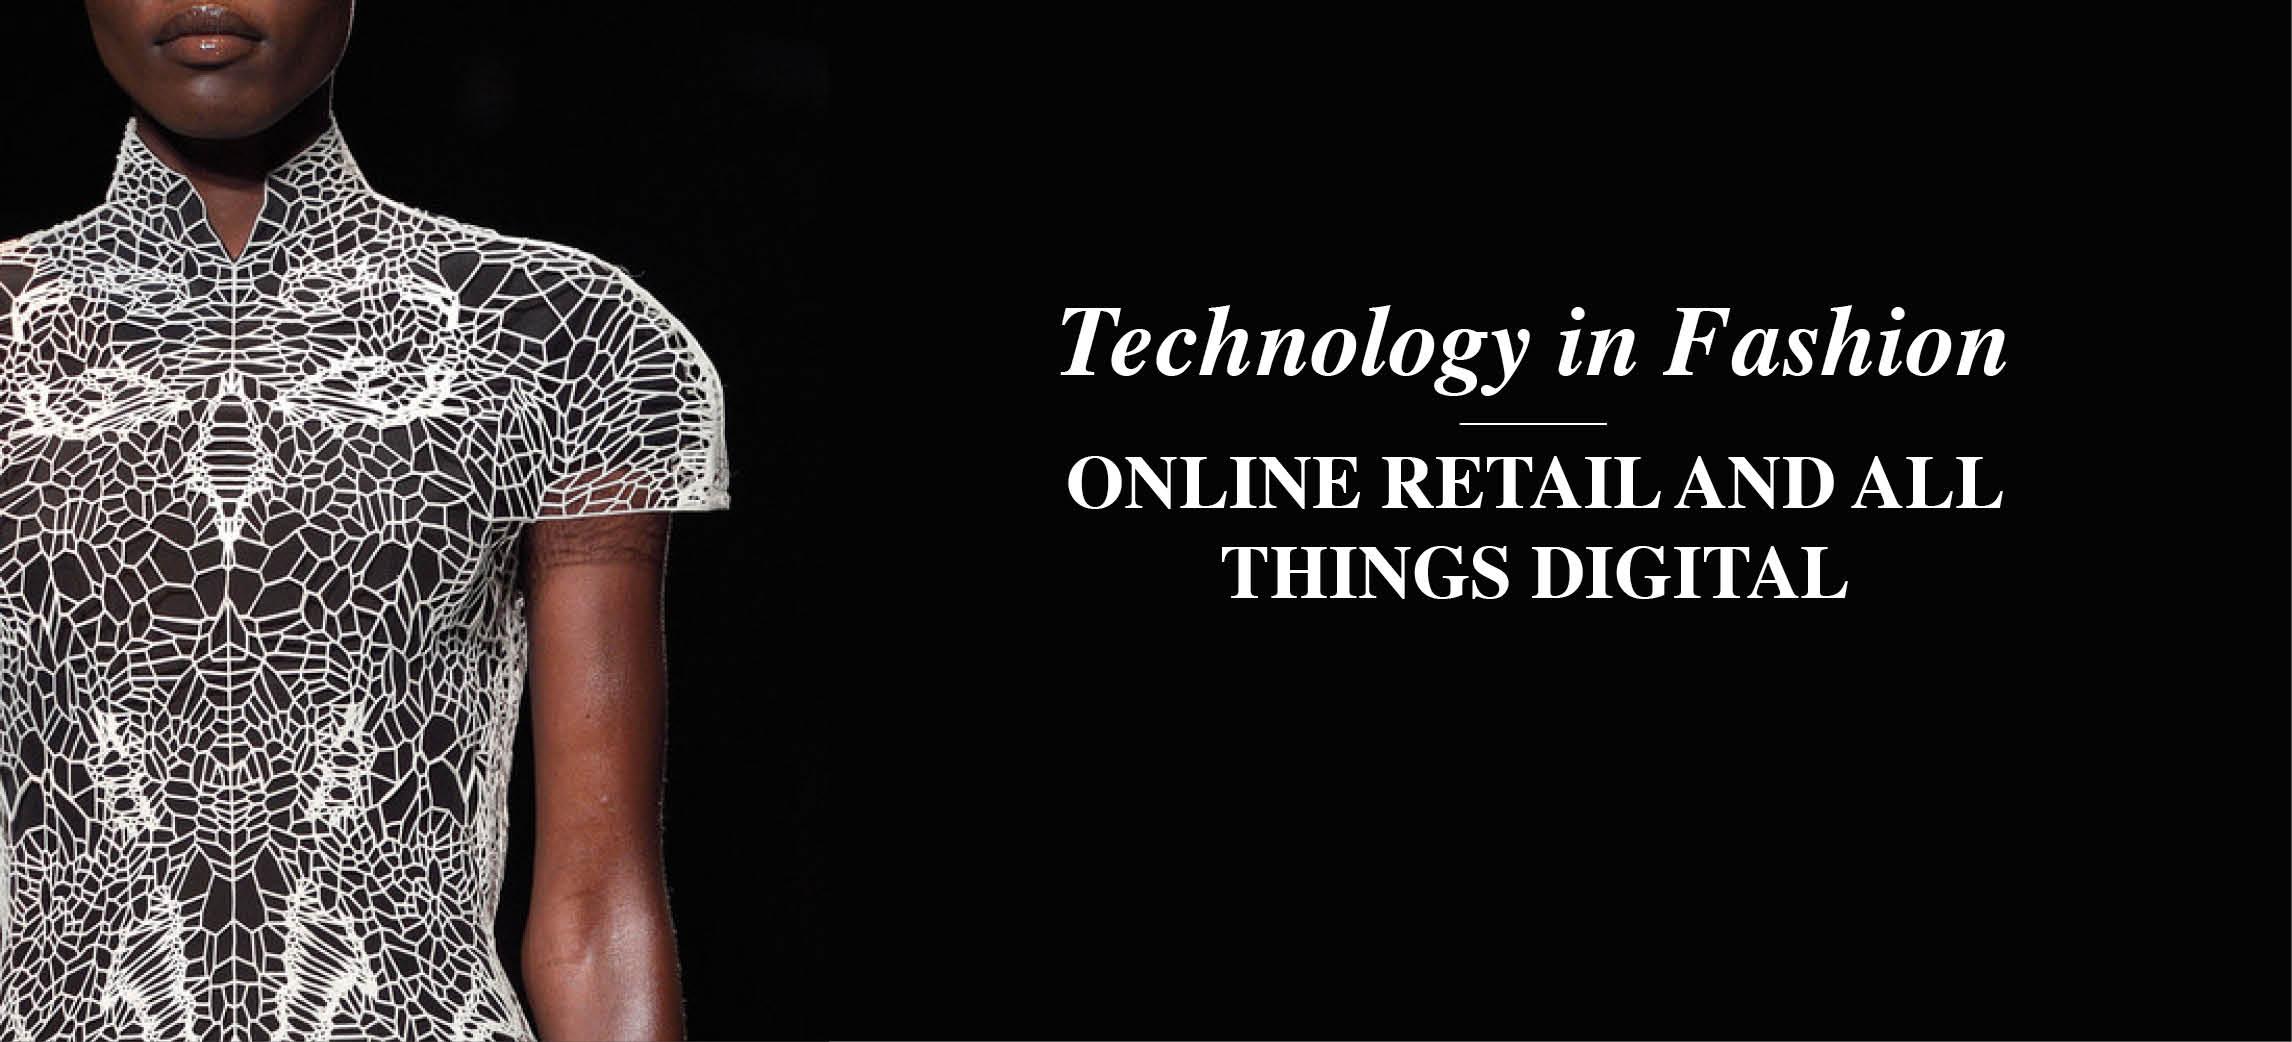 Technology_in_Fashion_flood.jpg